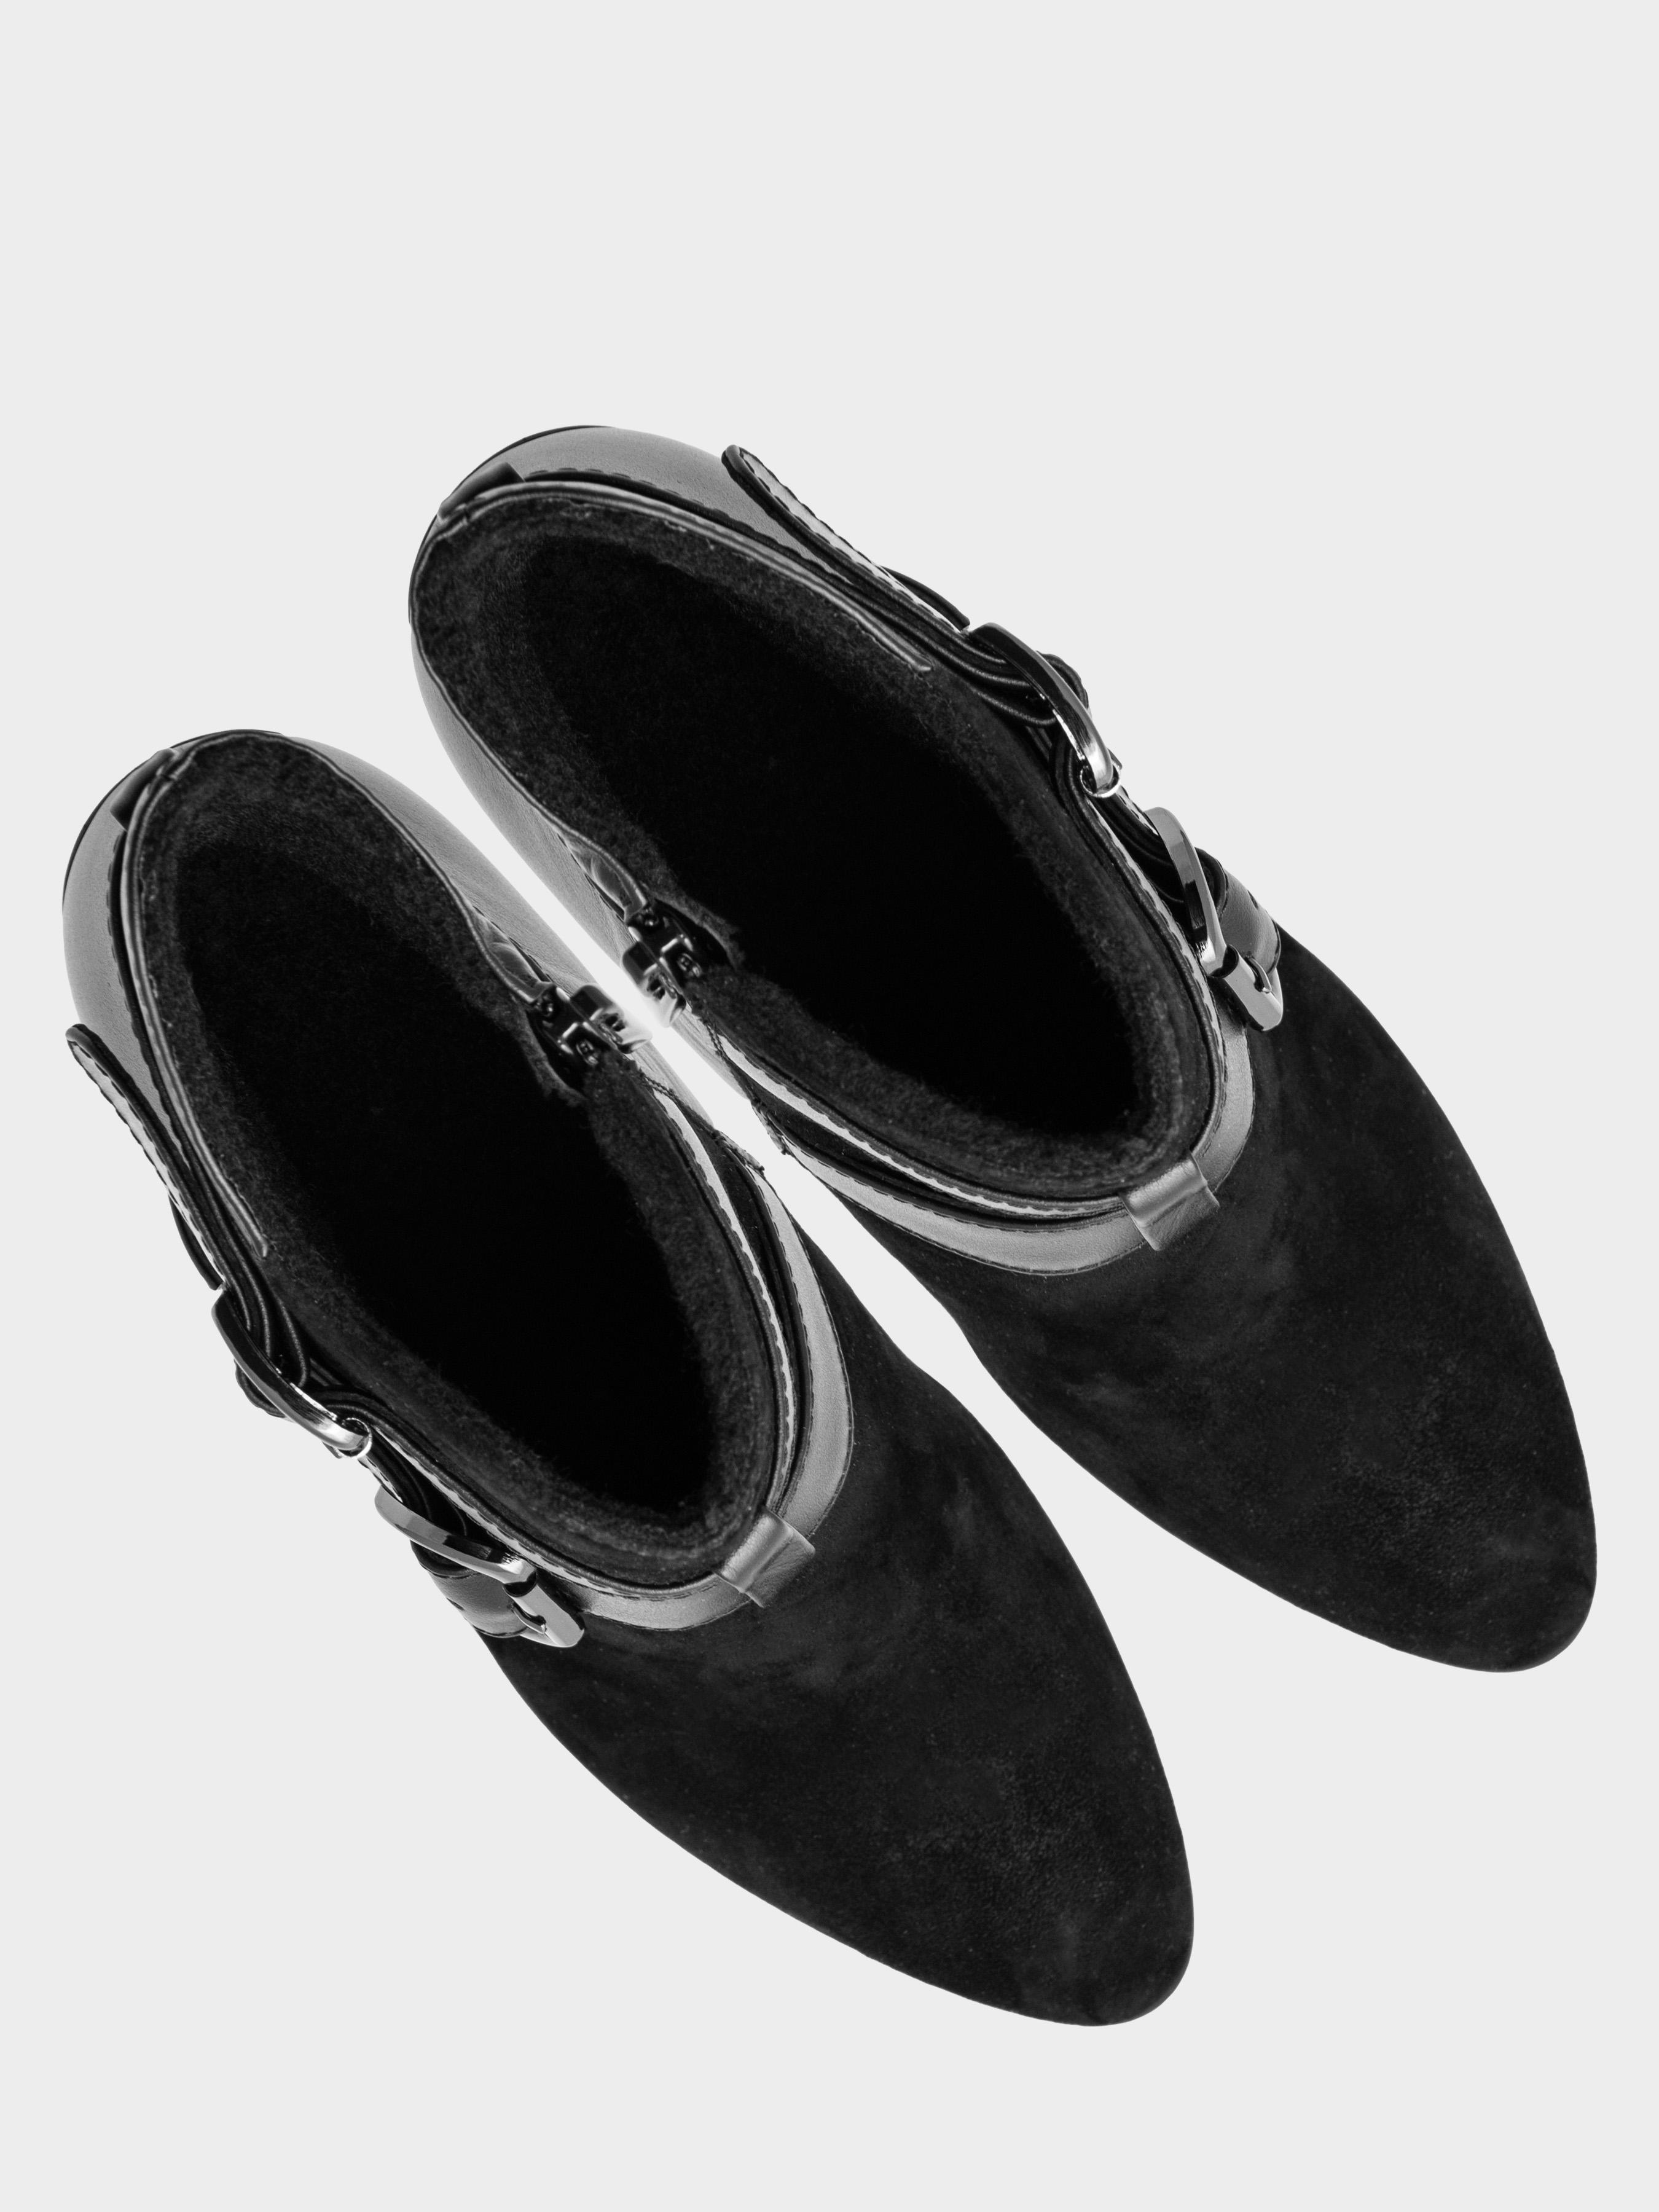 Ботинки для женщин Ботинки женские ENZO VERRATTI 18-9695-3bl выбрать, 2017